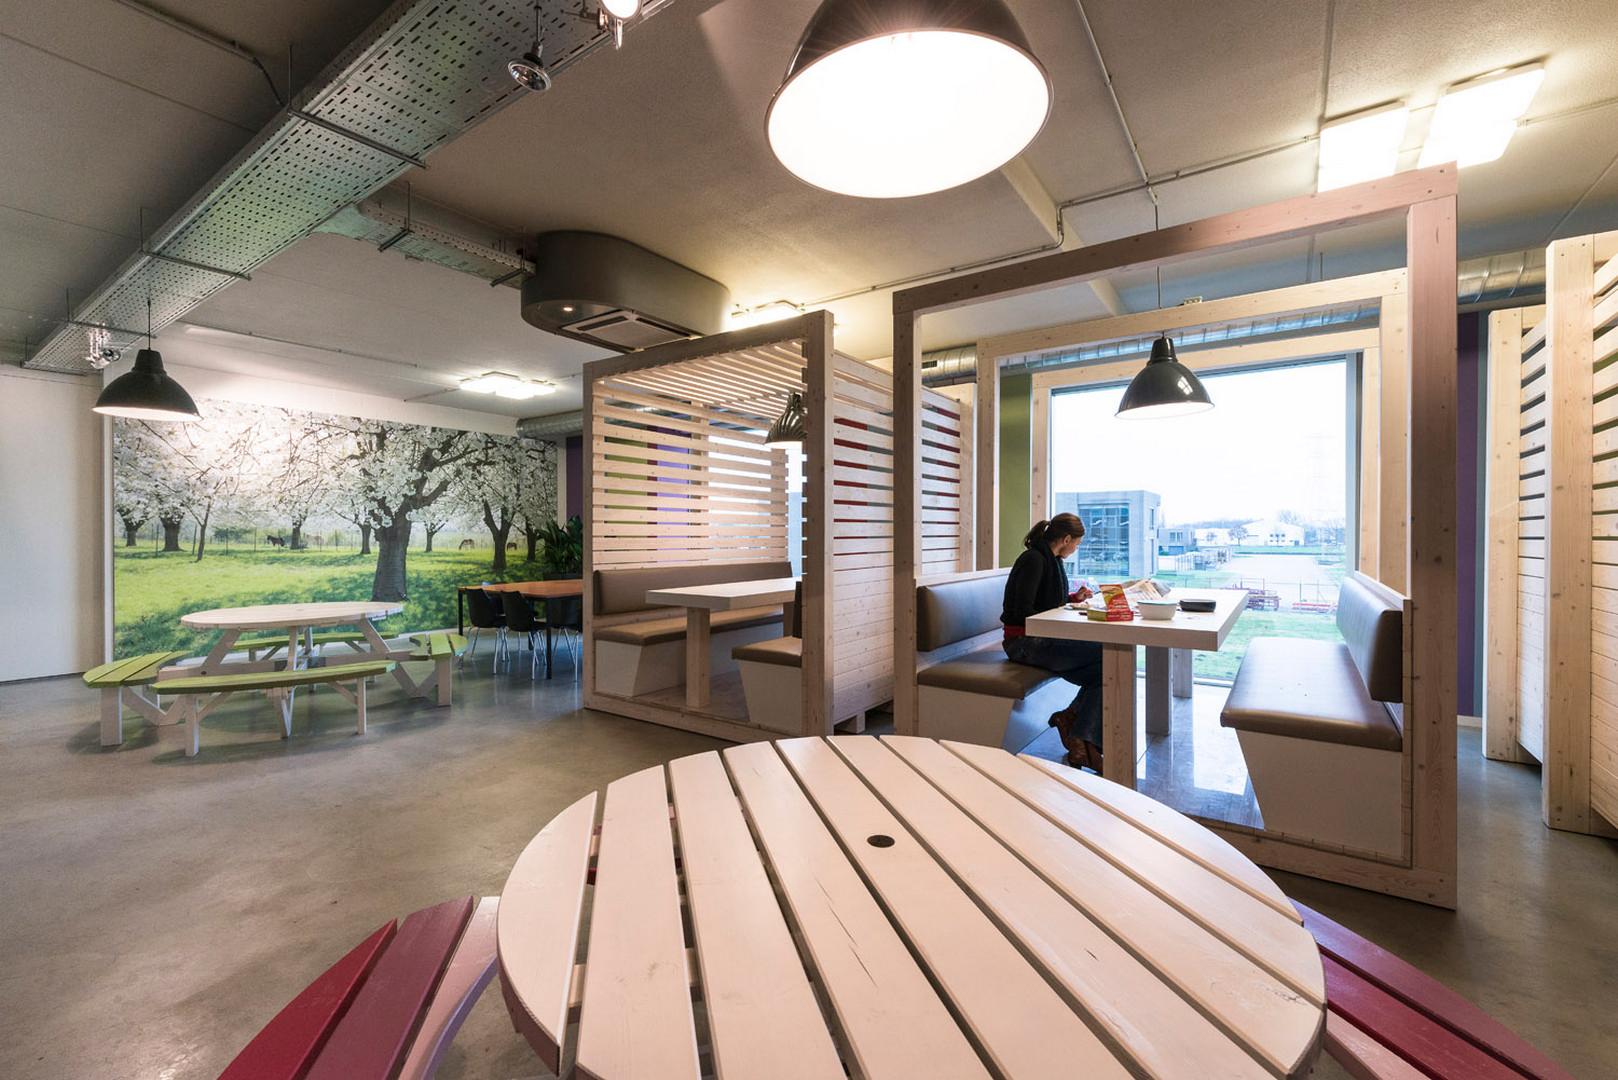 1 Wim Celis Office 14